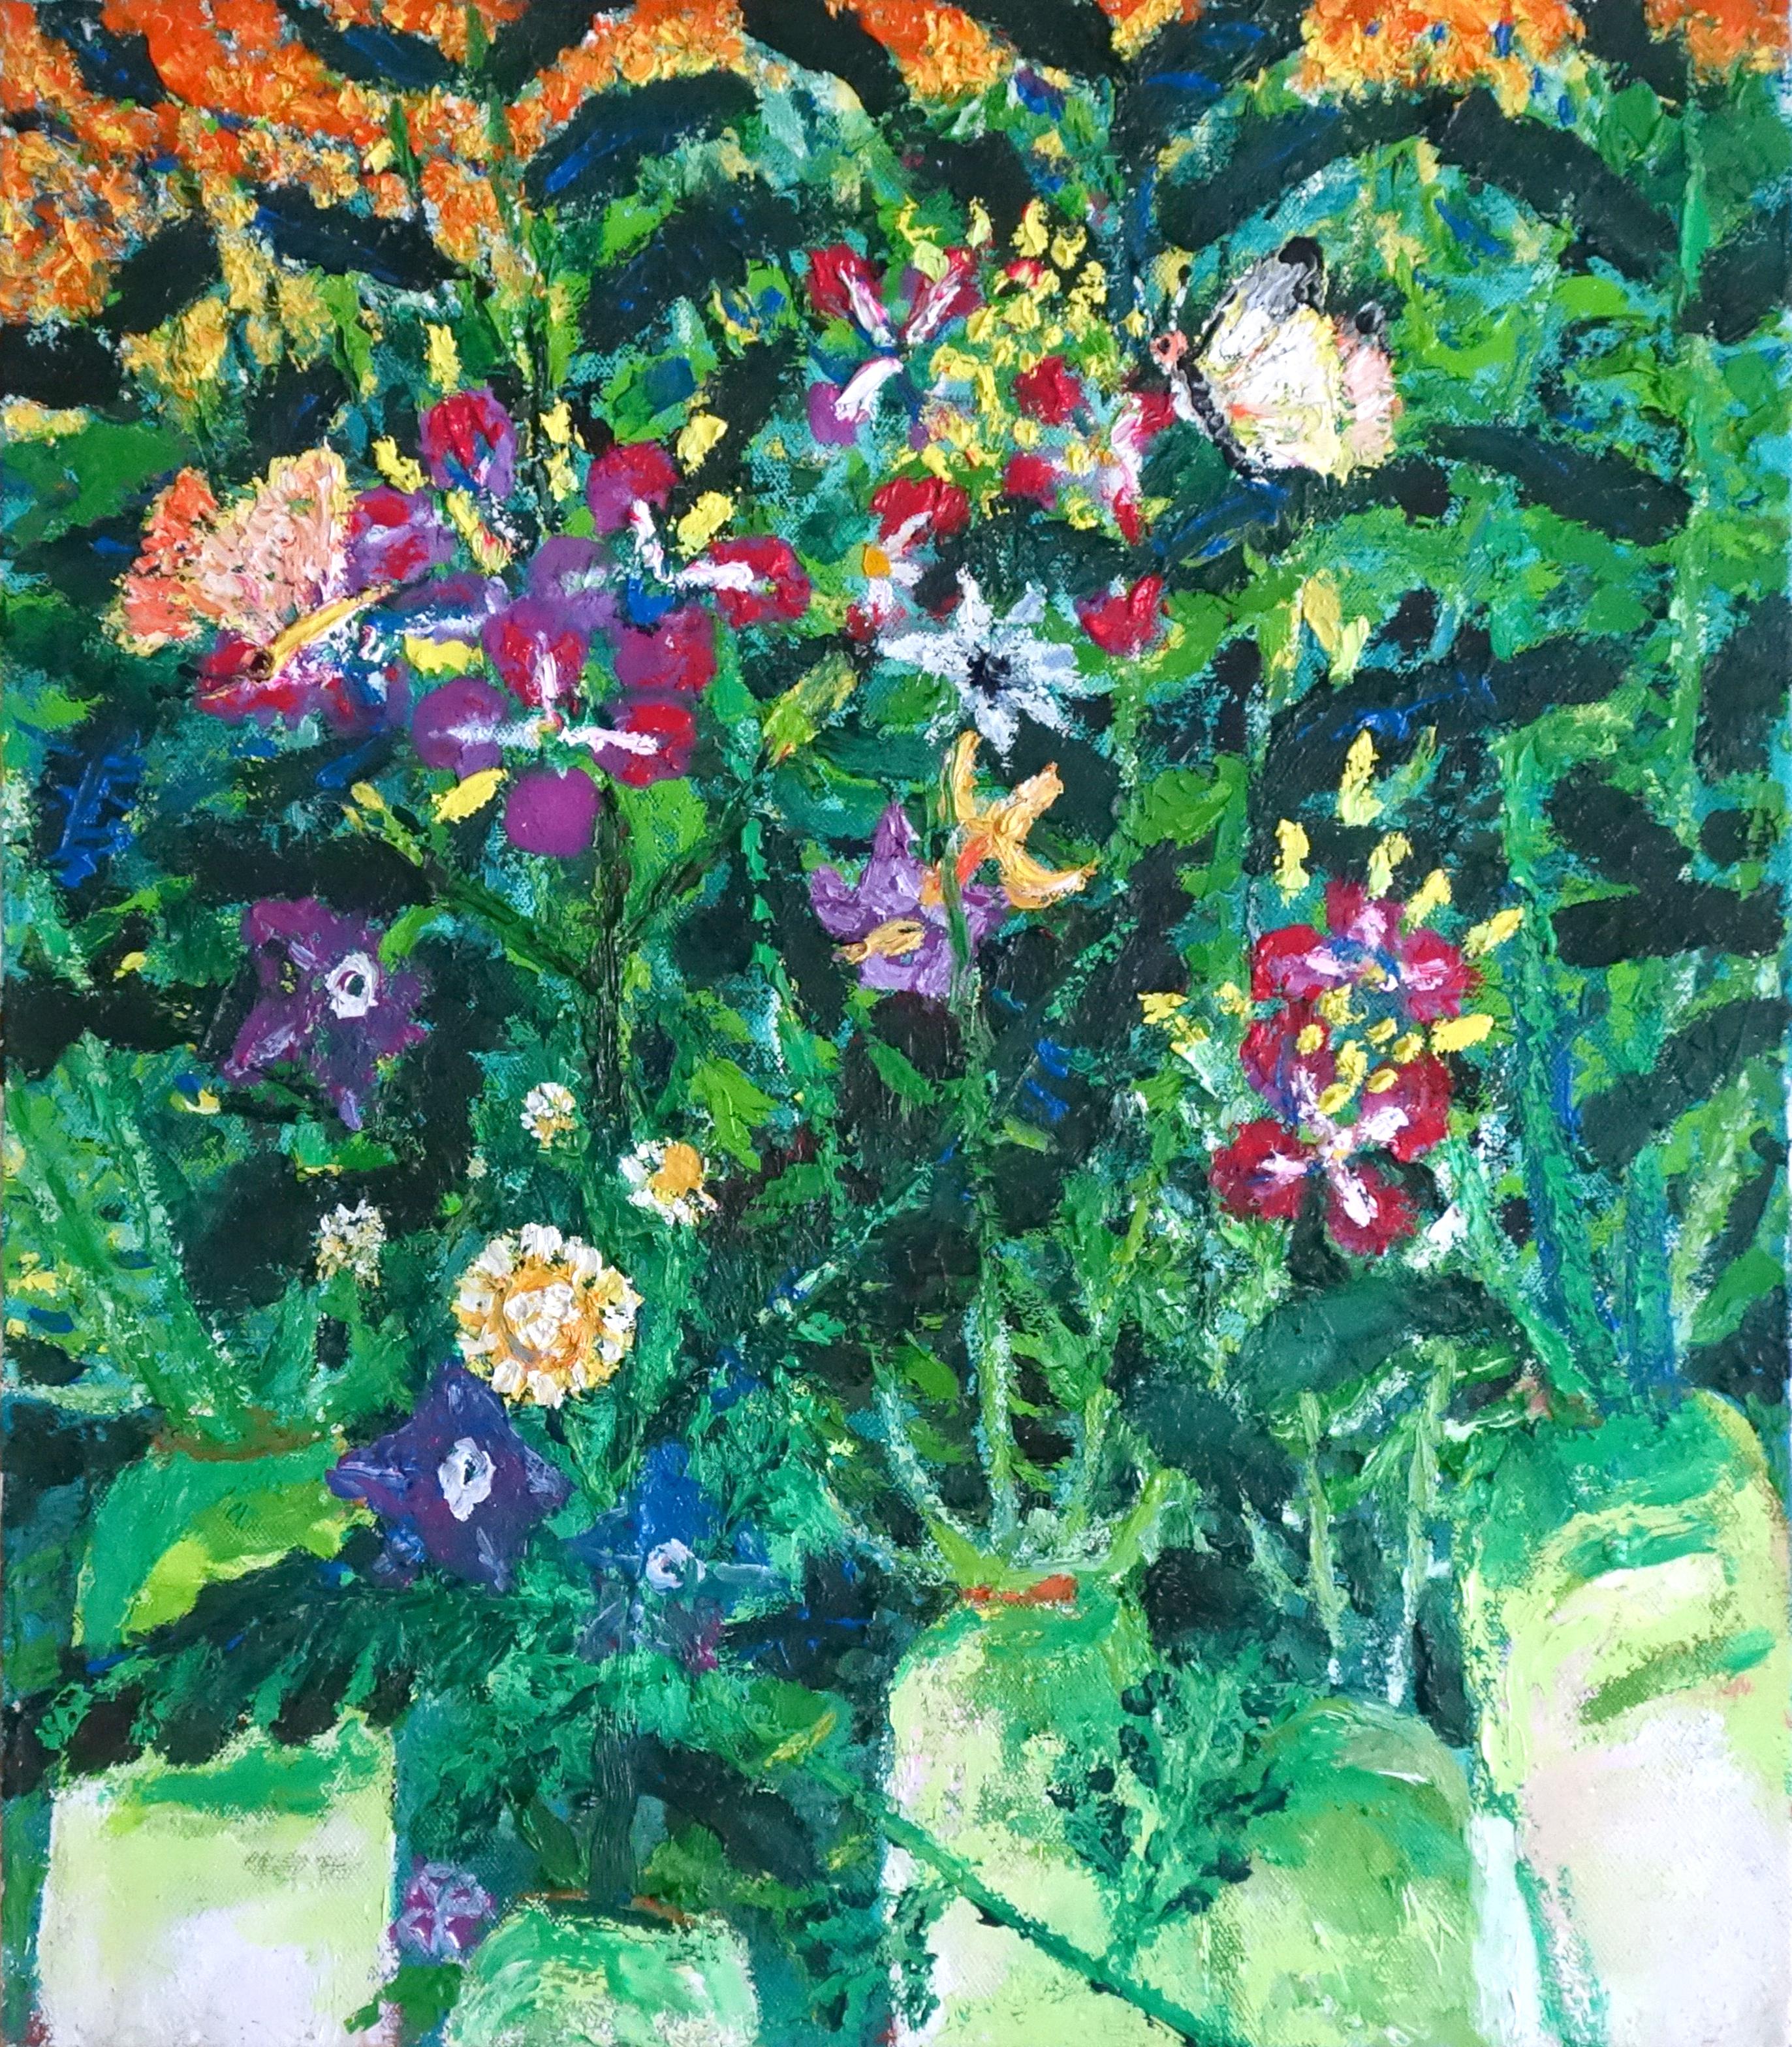 민해정수, 초보농부 텃밭, 45.5 x 53